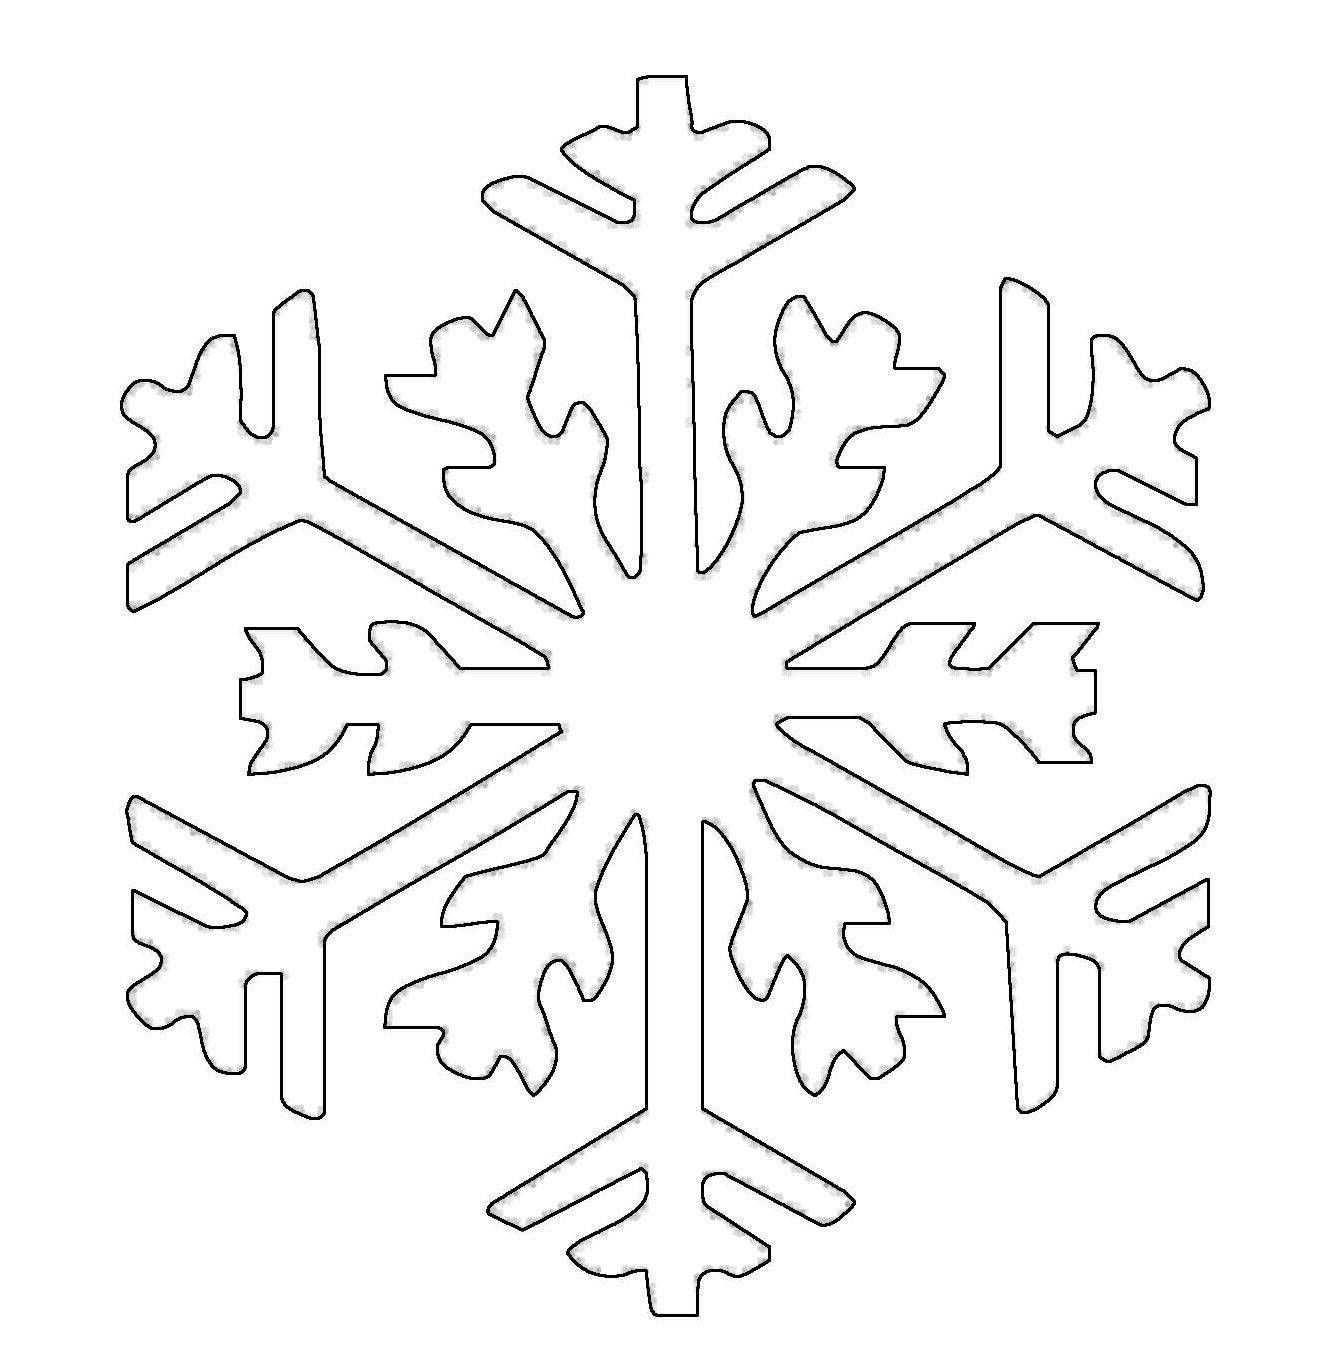 Schneeflocke15 Schneeflocken Schneeflocken Basteln Vorlage Schneeflocke Vorlage